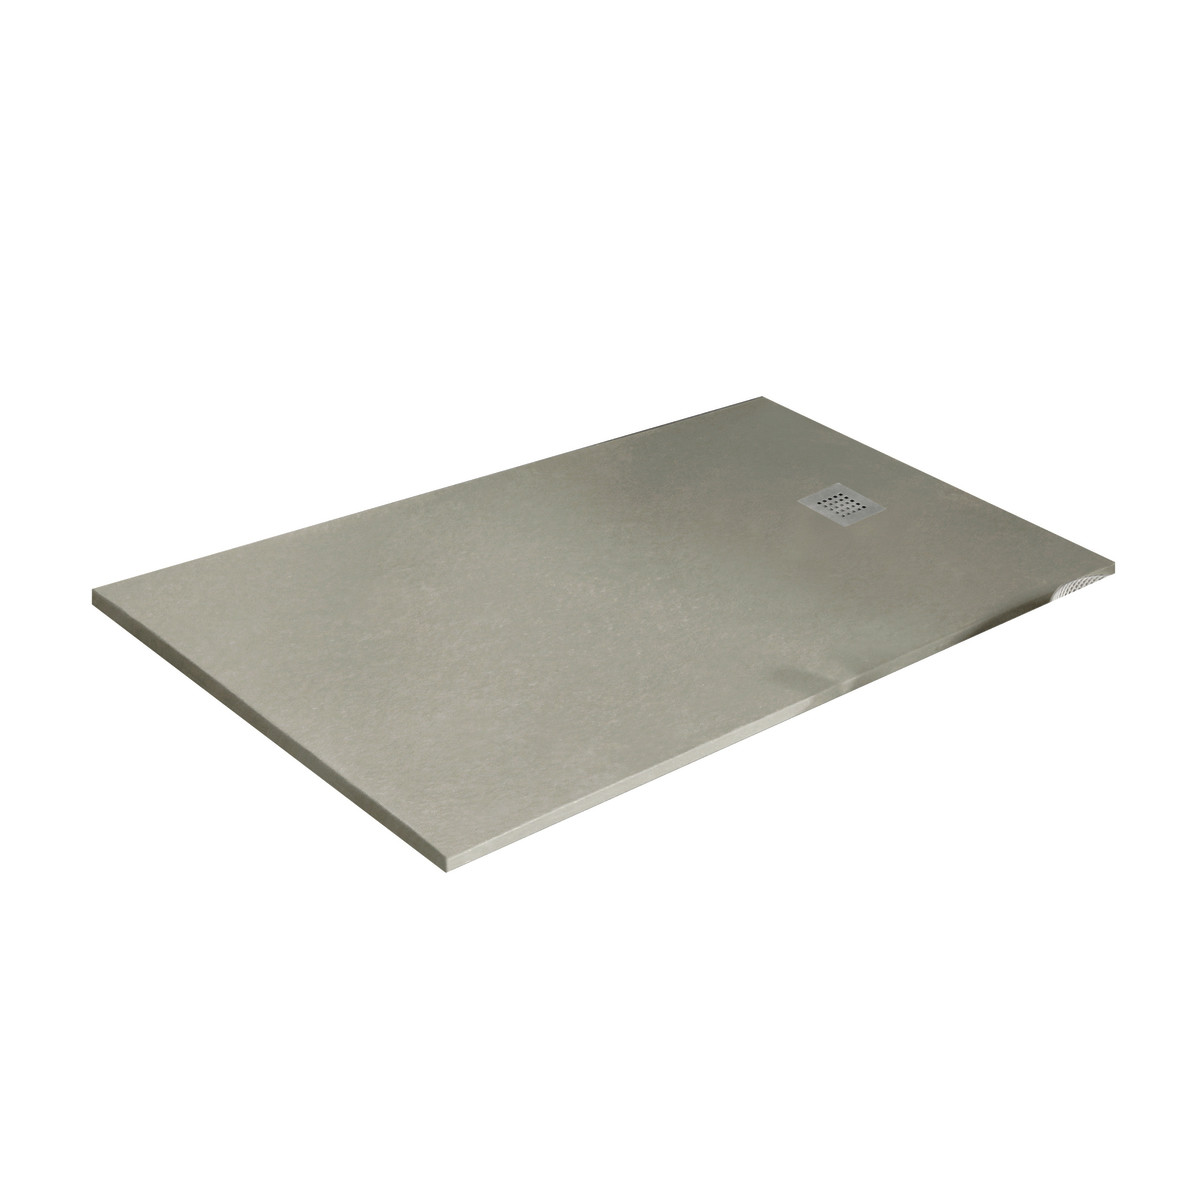 Piatto doccia resina strato 100 x 80 cm beige prezzi e for Erba sintetica prezzi leroy merlin